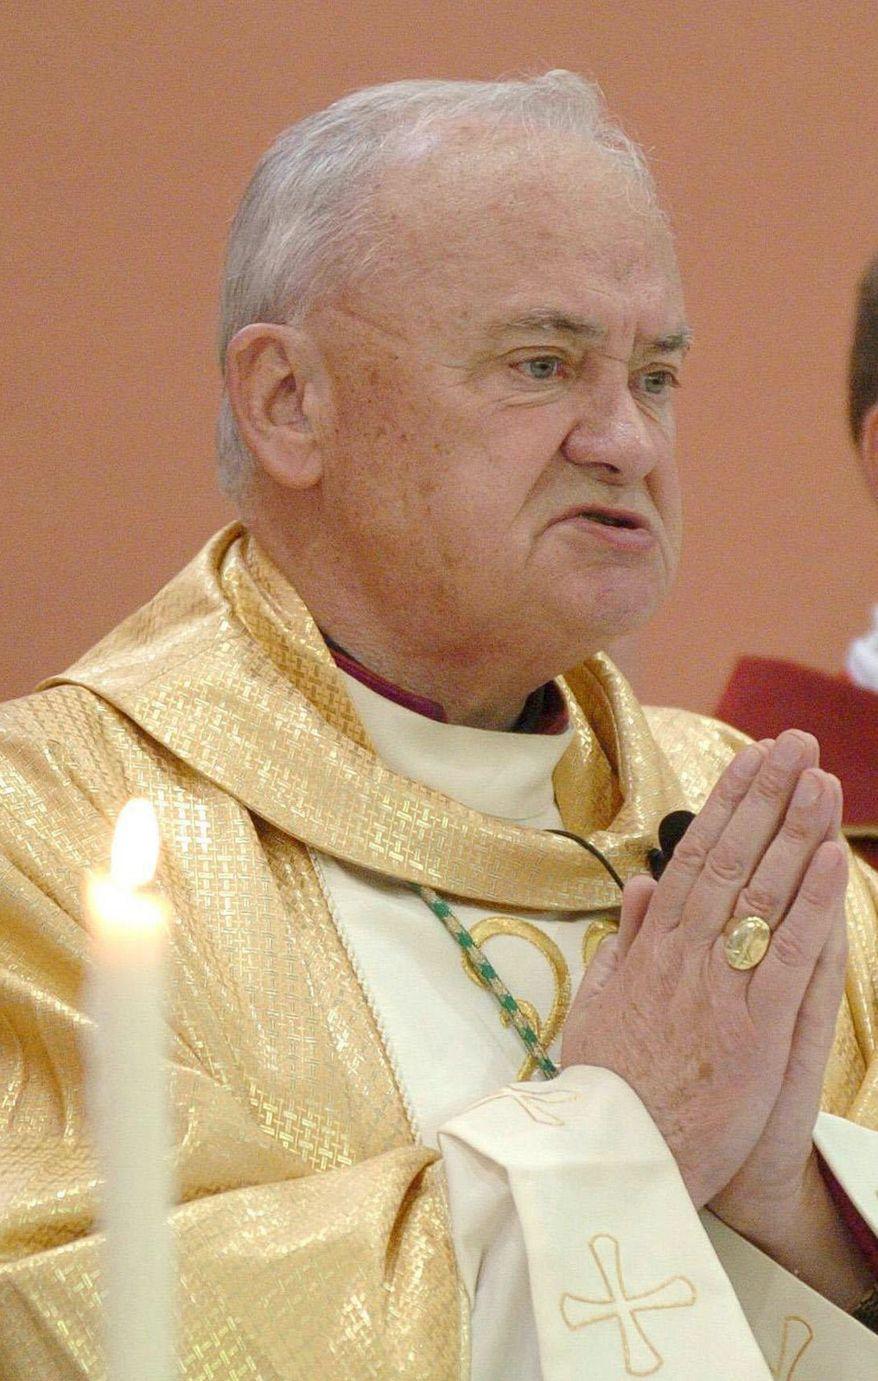 ** FILE ** Bishop John Magee (AP Photo/PA, File)